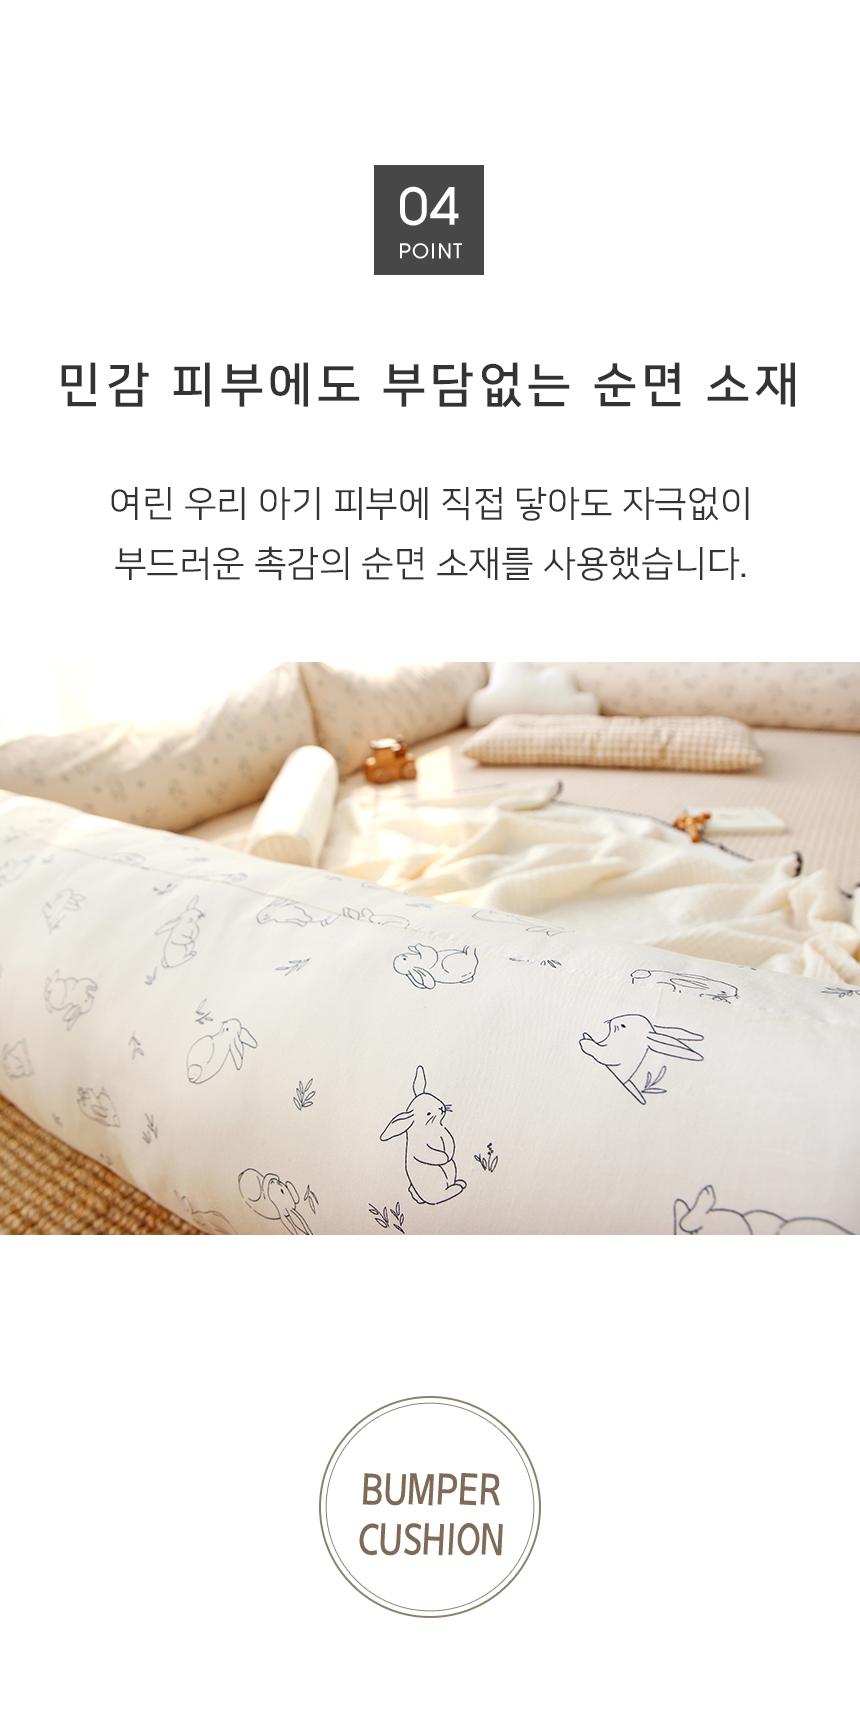 토끼 범퍼쿠션(솜포함) - 샵미니미, 24,900원, 가구, 침대/범퍼침대